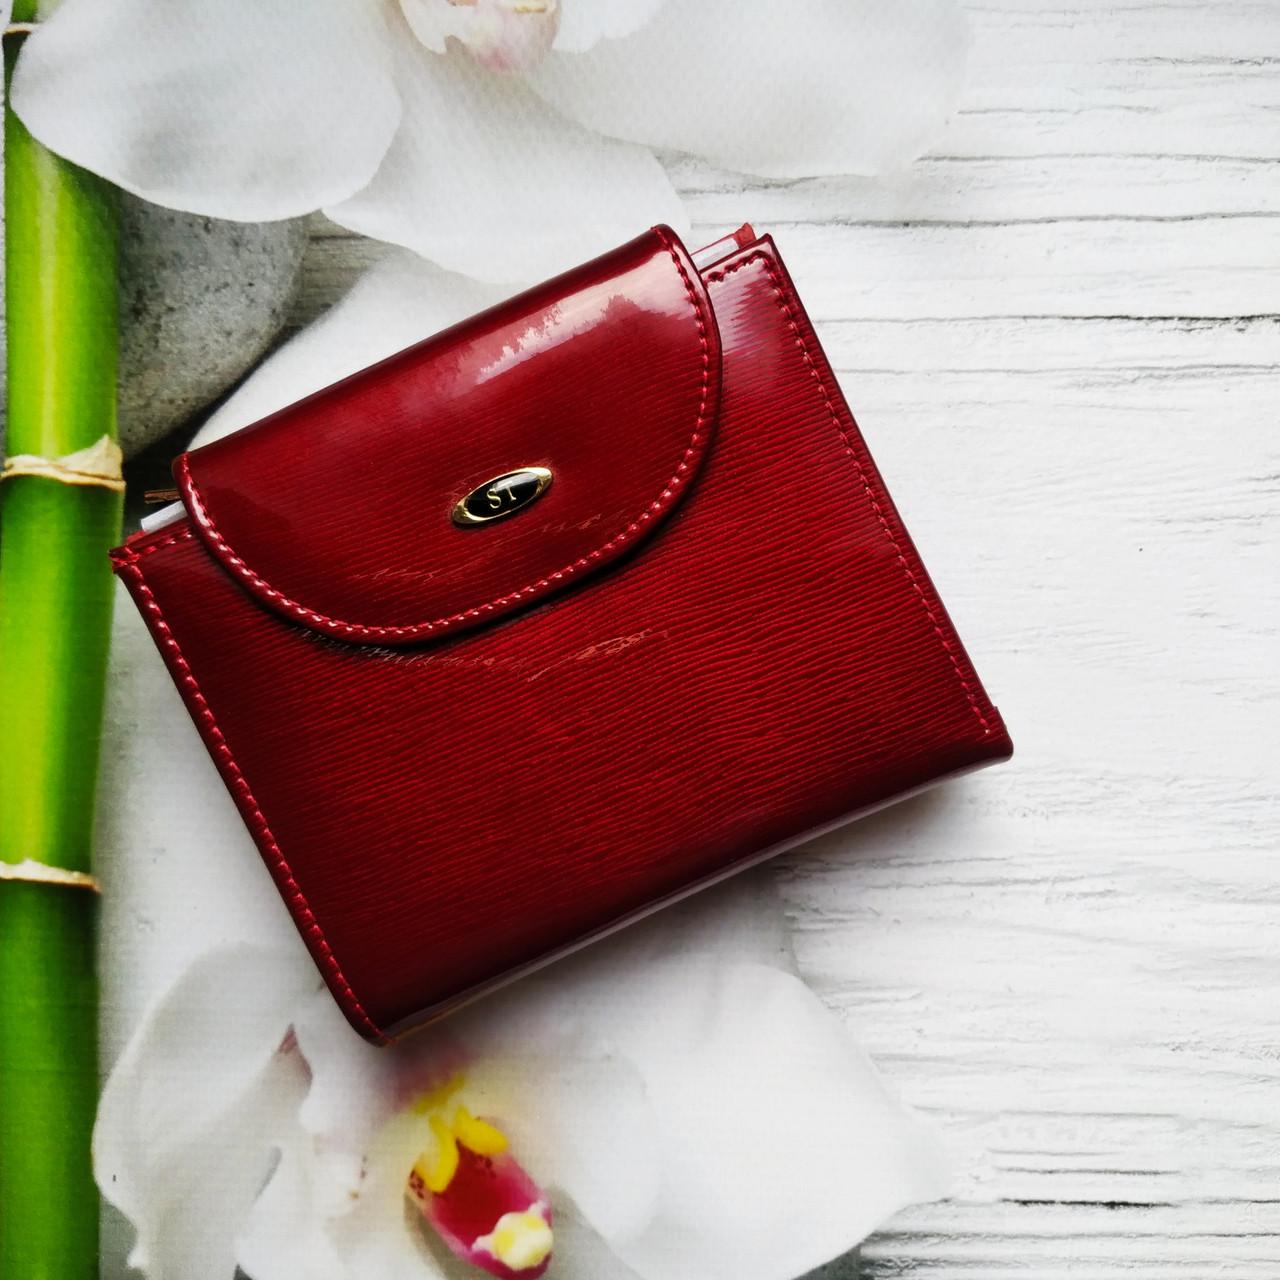 Жіночий шкіряний гаманець ST leather BC410 red червоний лаковий УЦІНКА